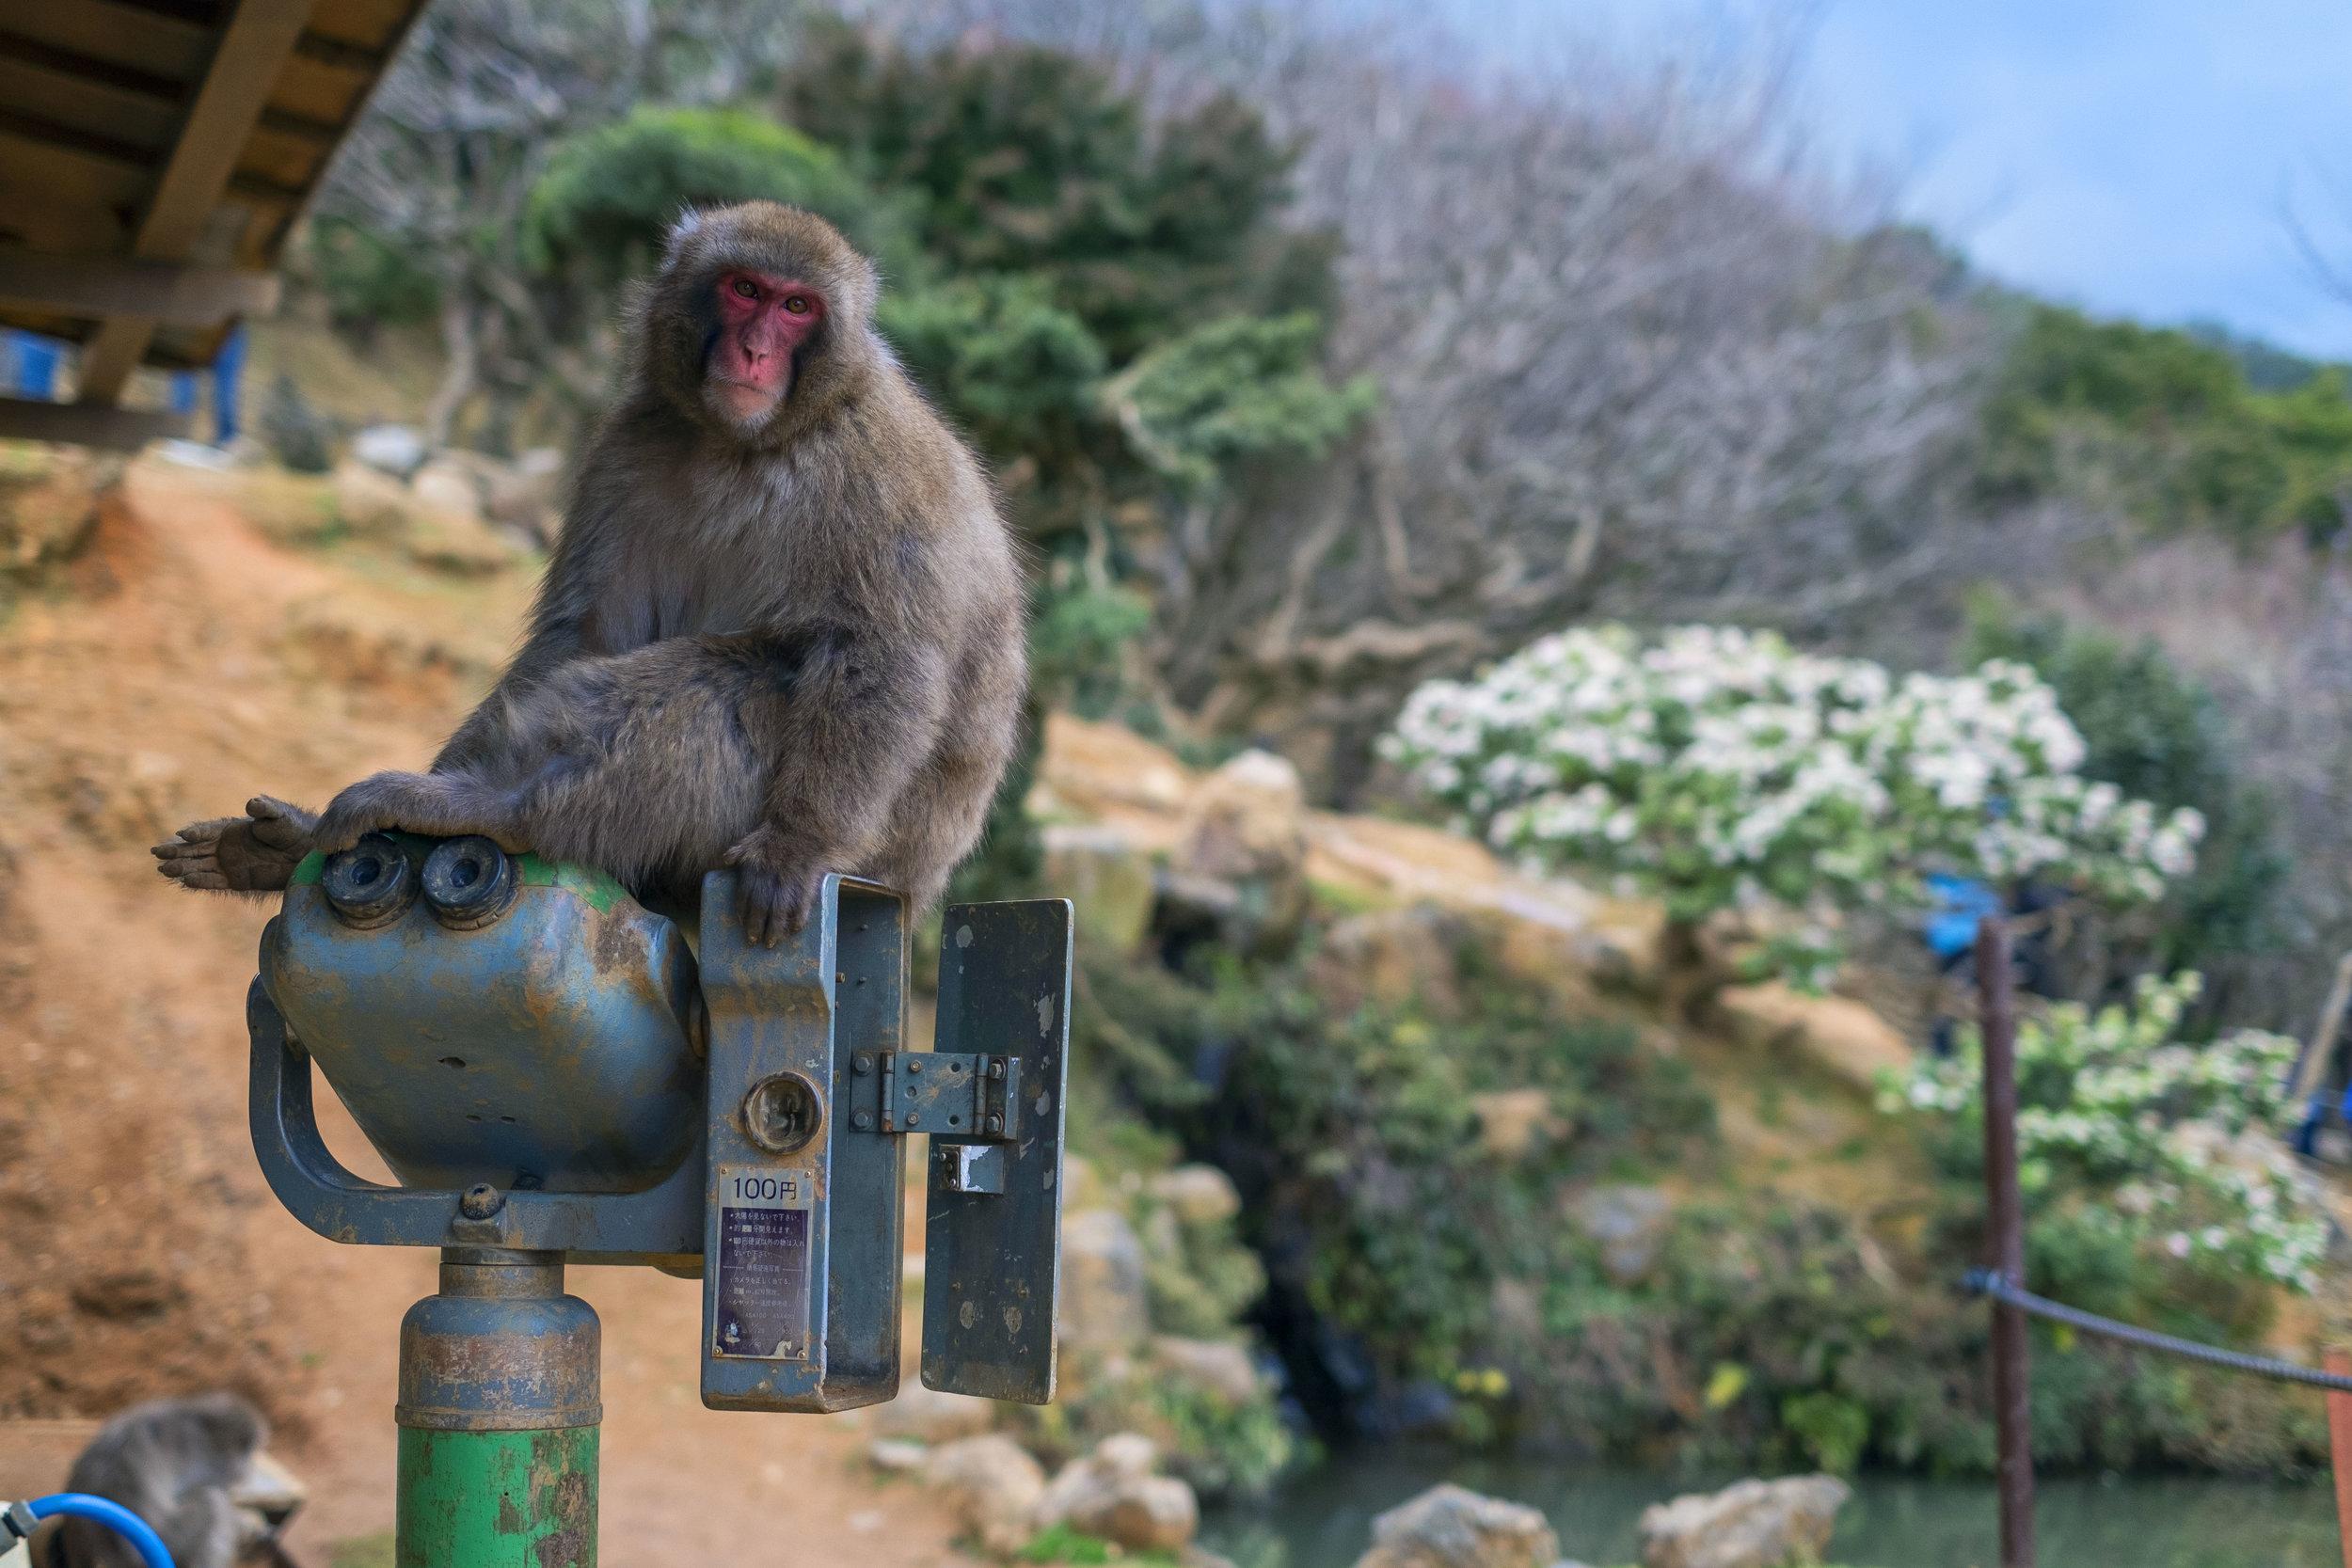 Kyoto_Monkeypark_Day2_monkey2.jpg